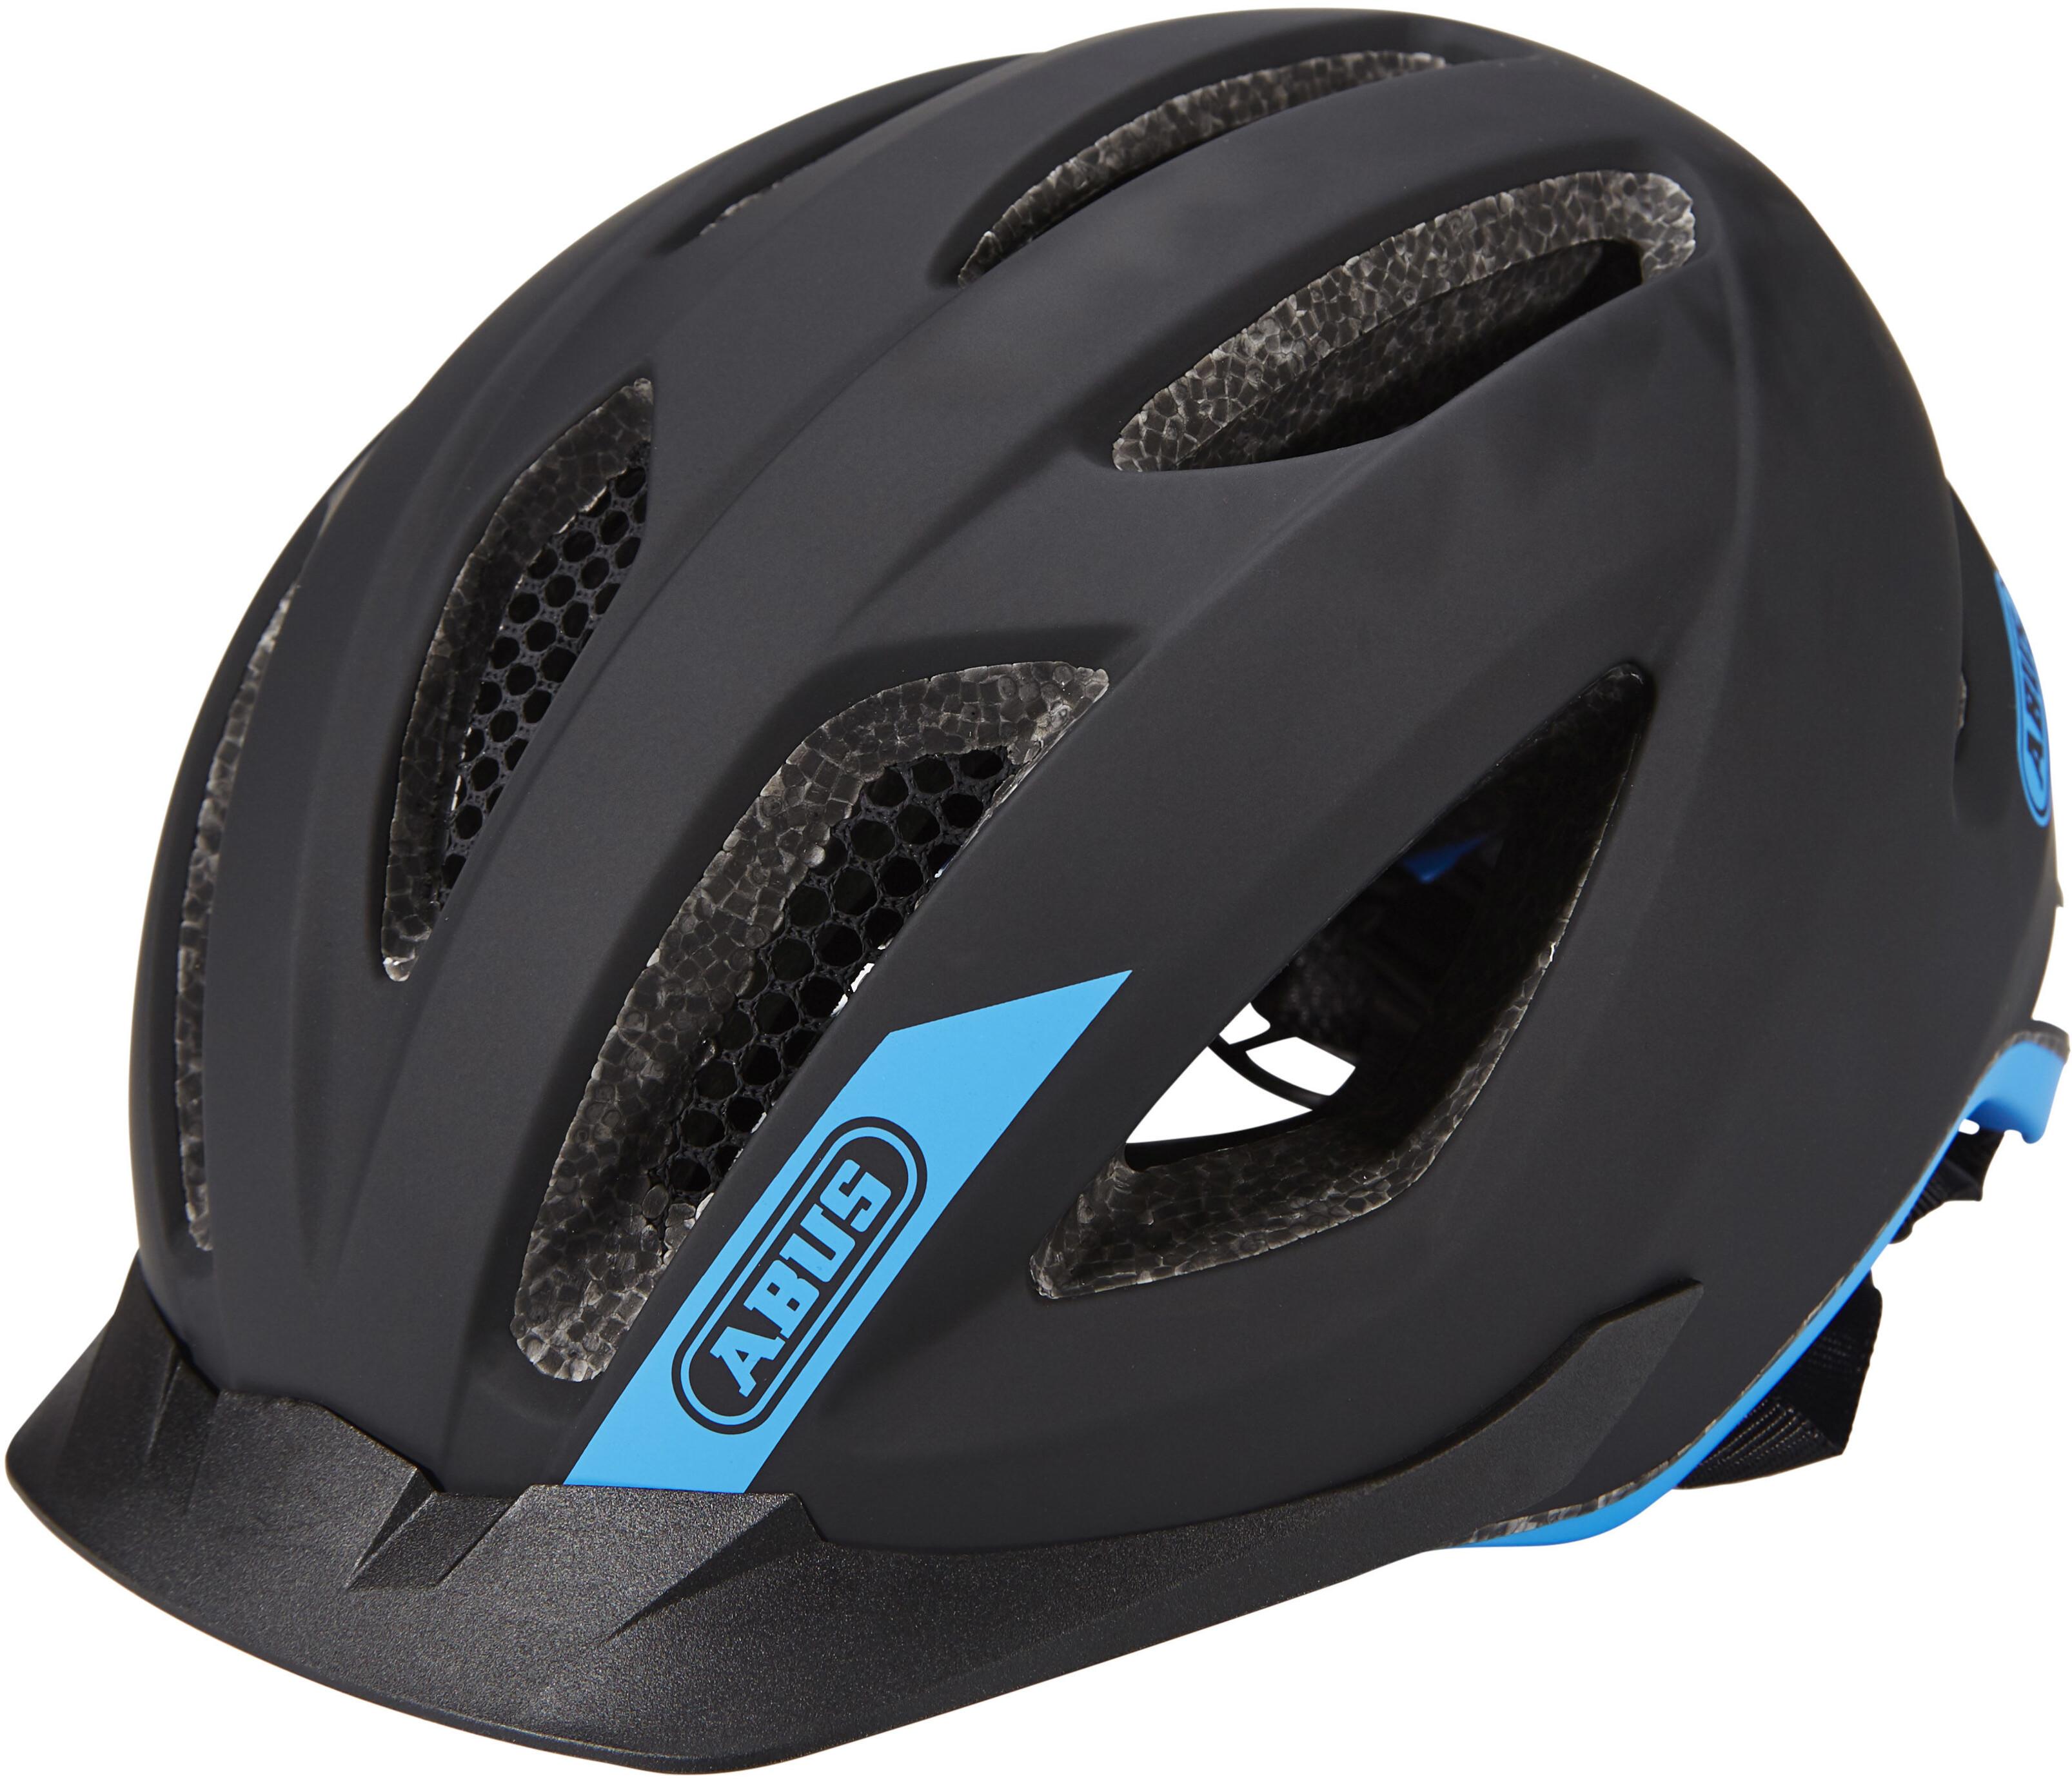 abus pedelec bike helmet black at. Black Bedroom Furniture Sets. Home Design Ideas